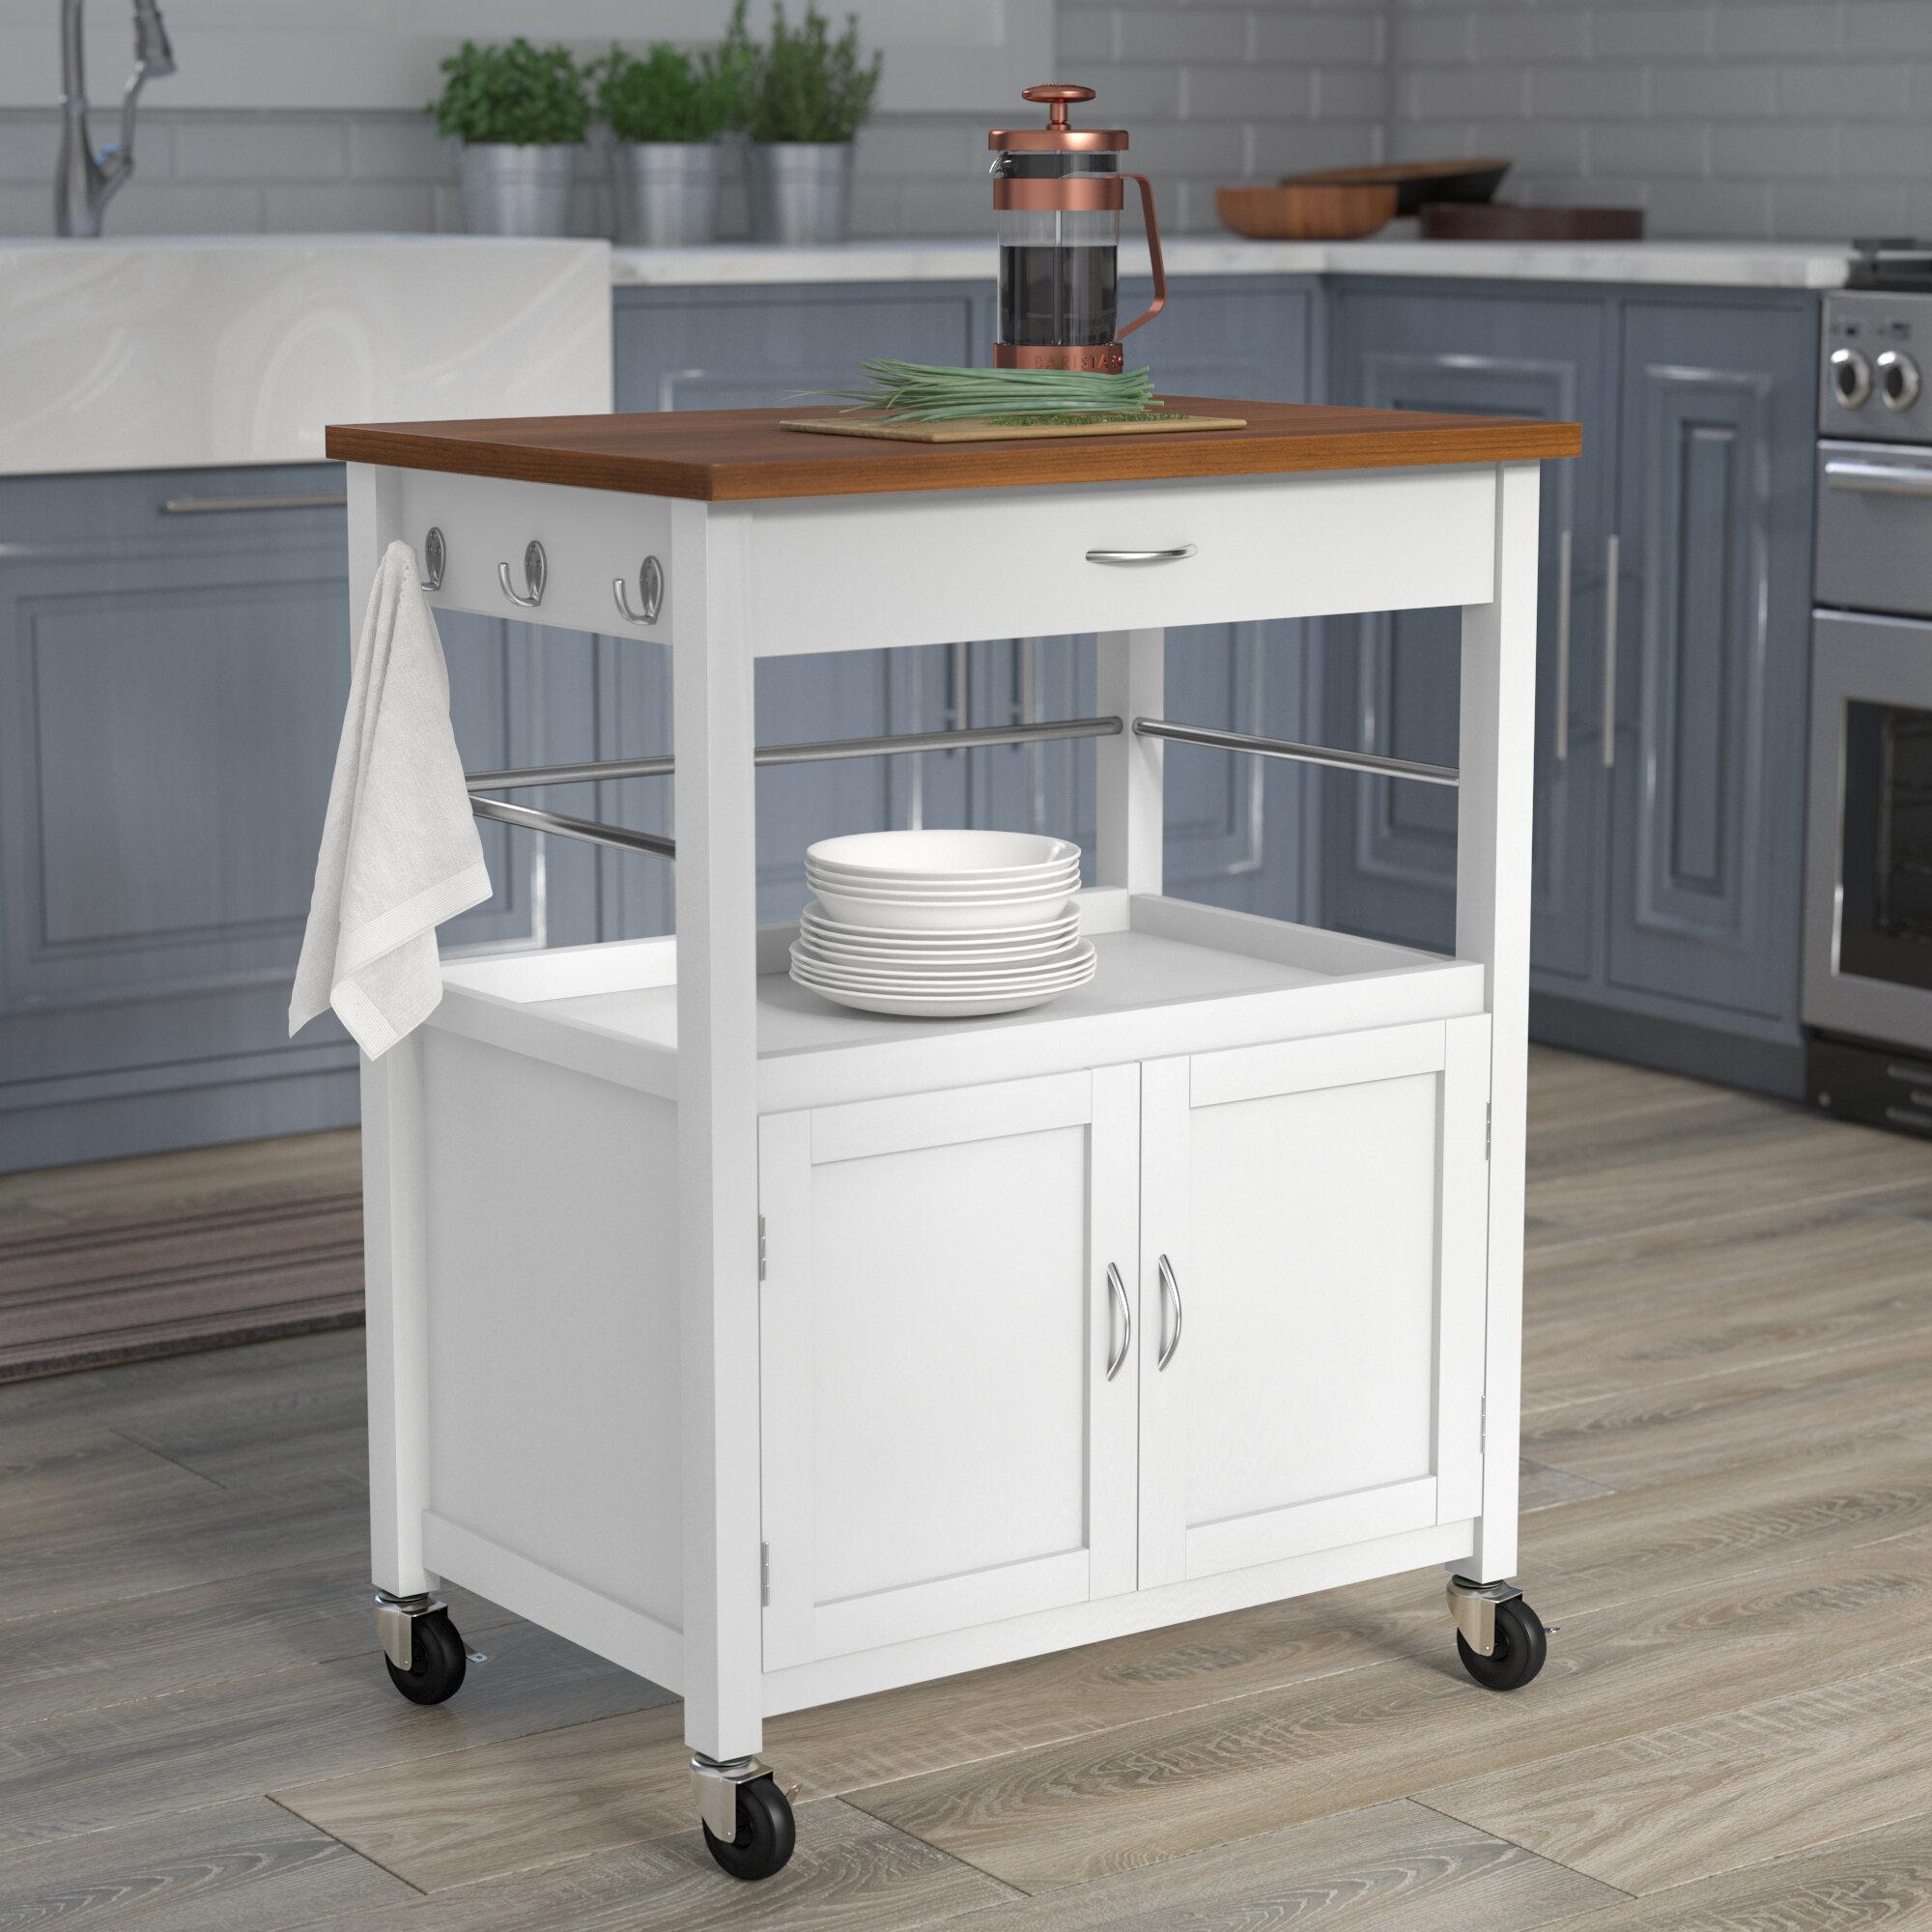 Andover mills kibler kitchen island cart with natural butcher block bamboo top reviews wayfair